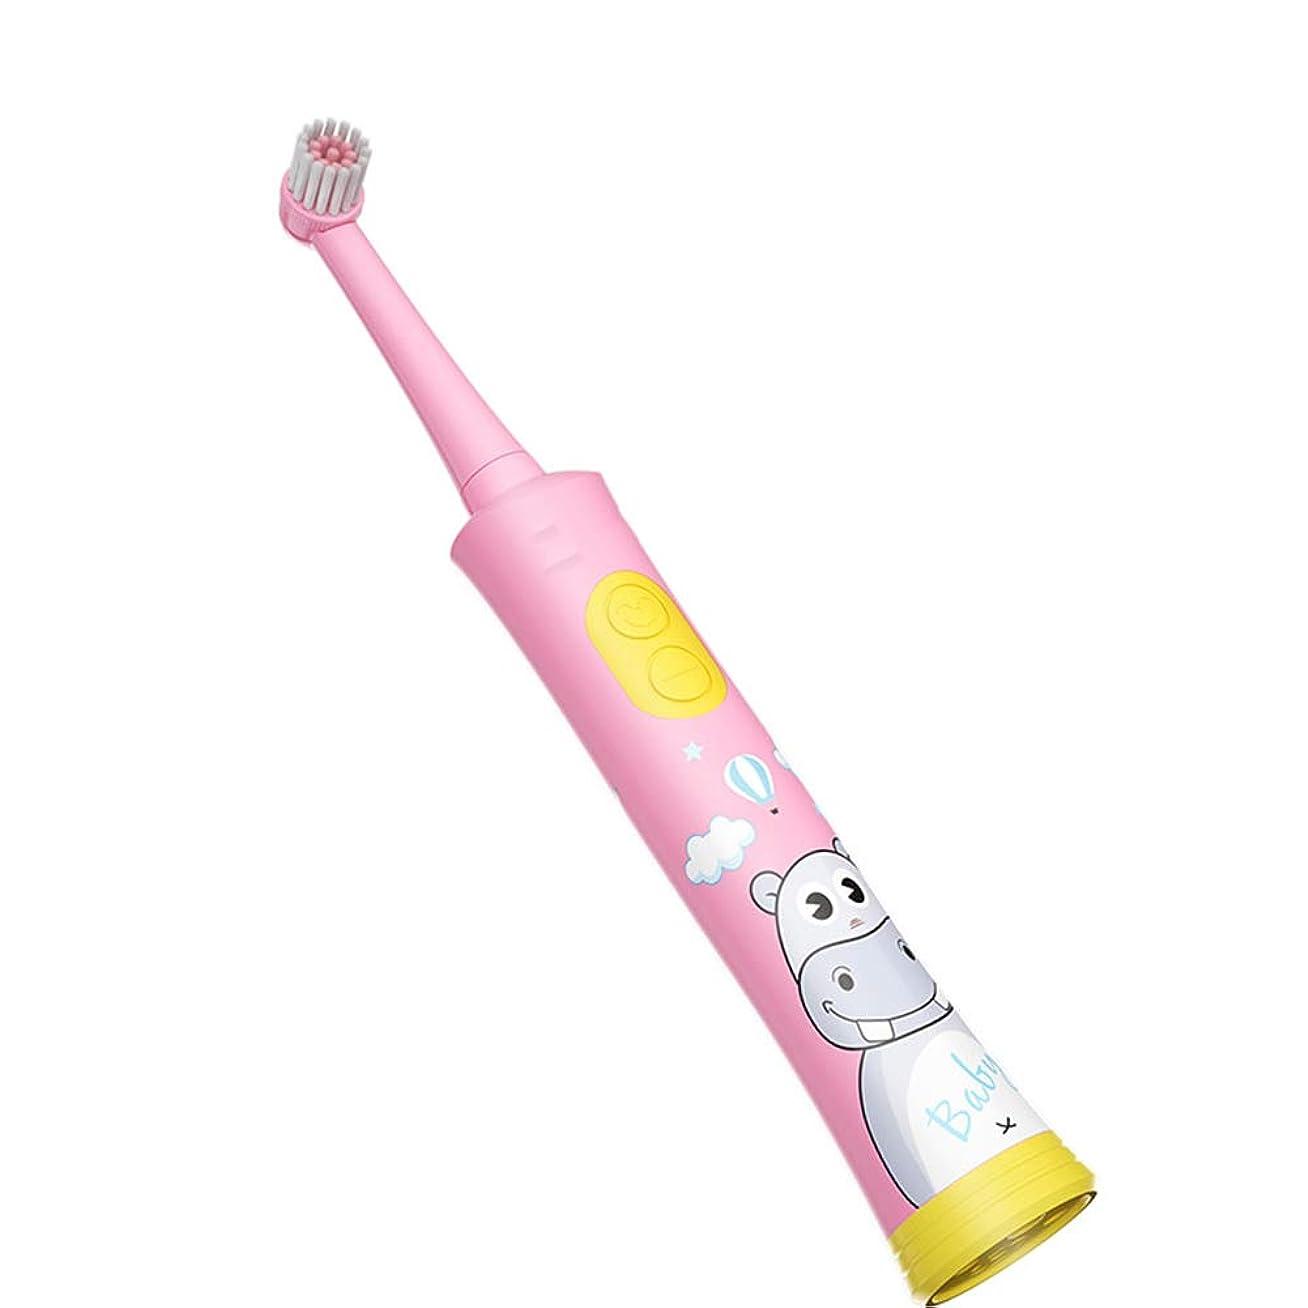 スリッパ単に適格赤ちゃんの排他的な周波数、DuPontソフトブラシ素材、ボディ防水技術、長い電池寿命に沿った超音波子供用電動歯ブラシ